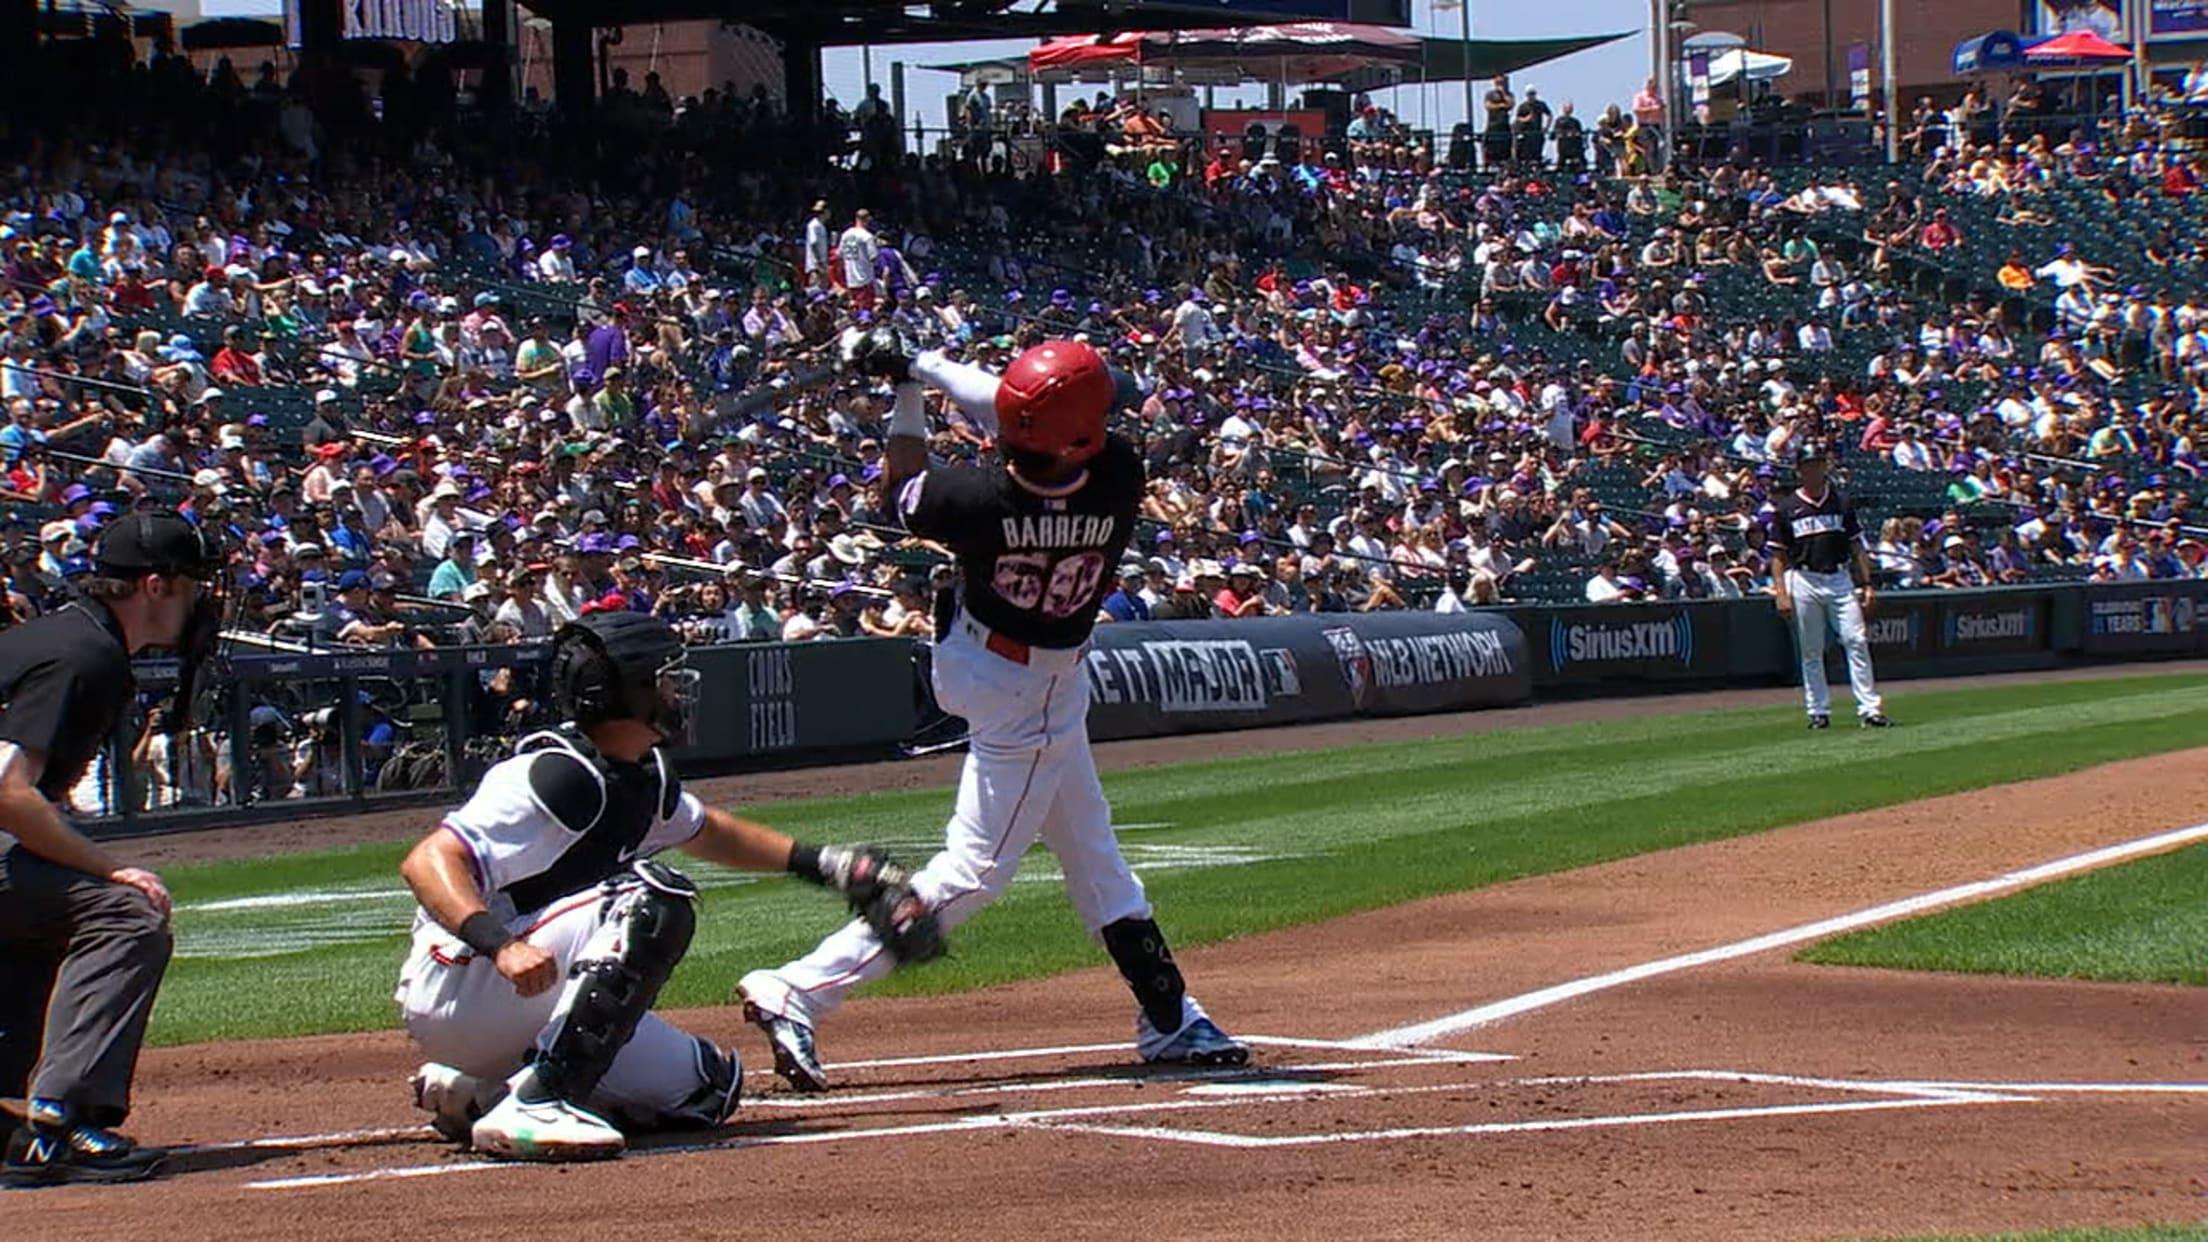 Jose Barrero's solo home run